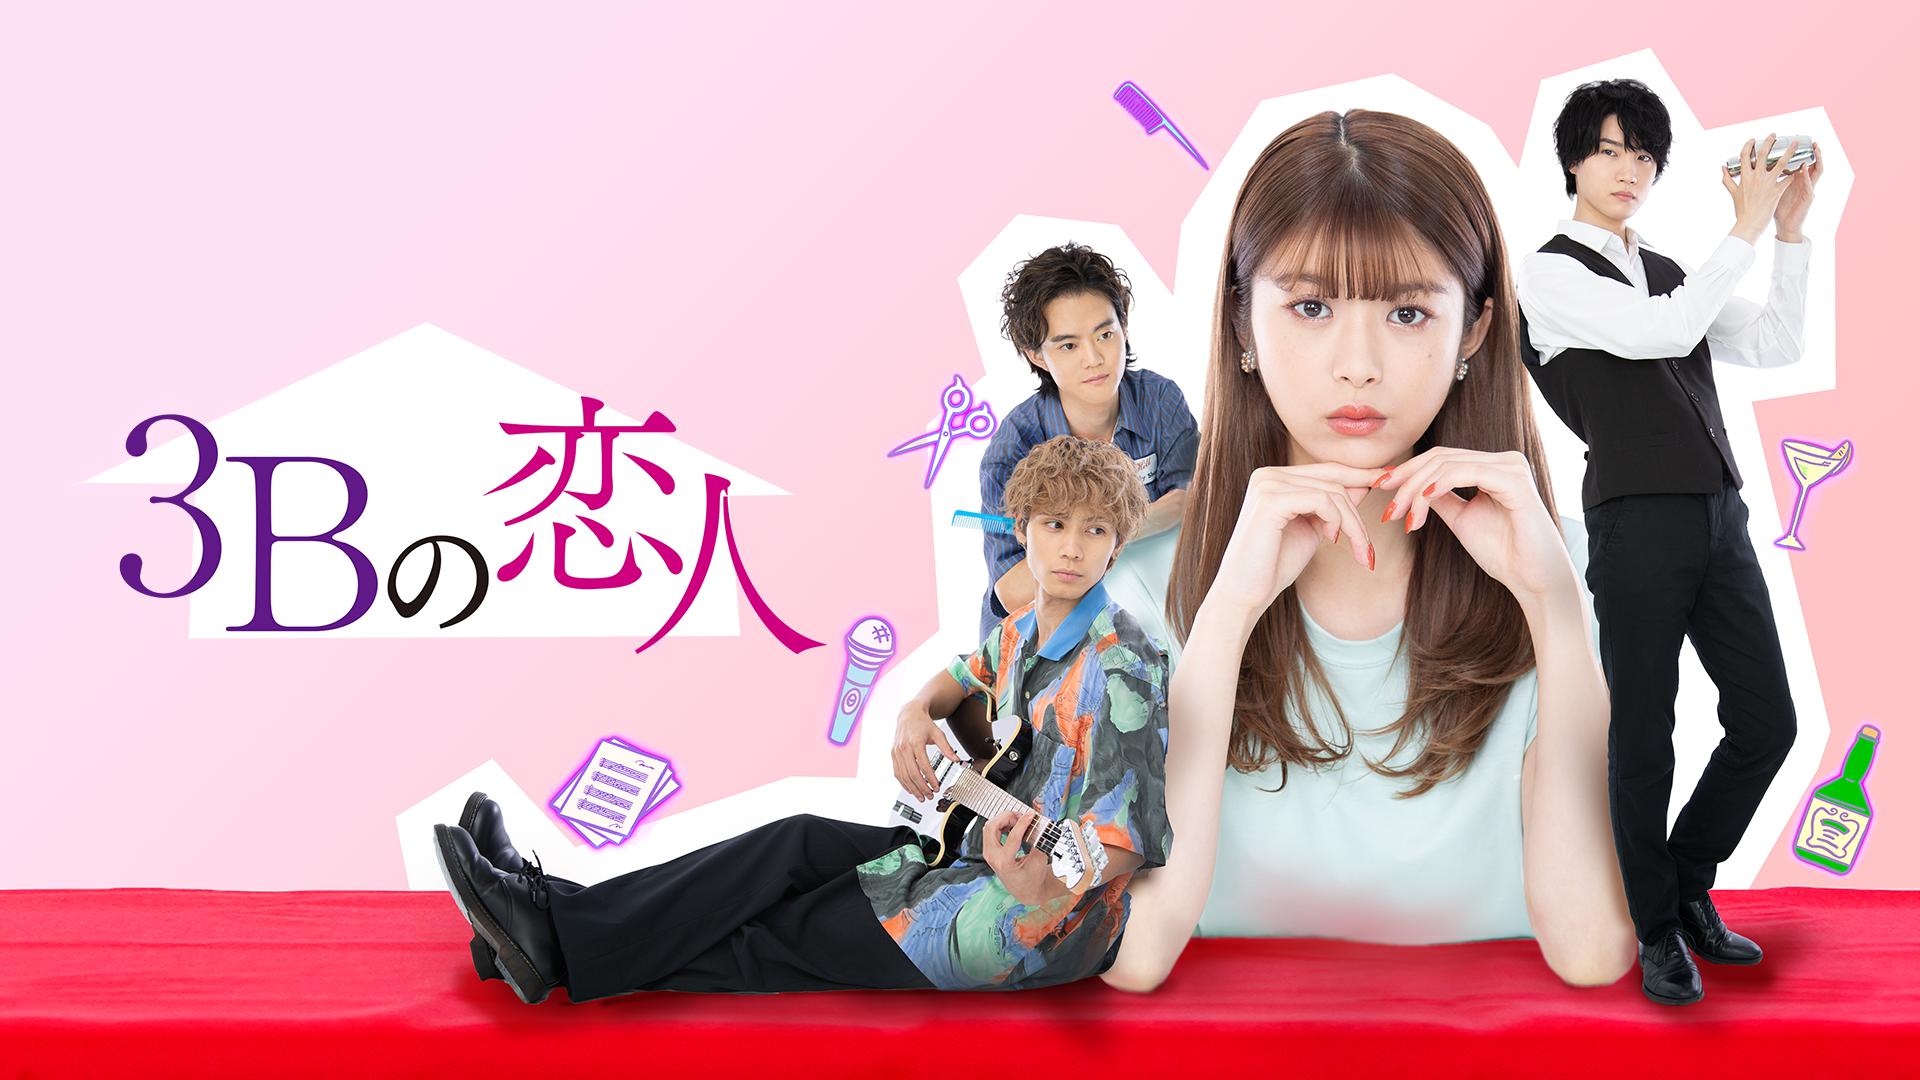 ドラマ『3Bの恋人』見逃し動画配信!1話~最終回を見放題で視聴する方法!キャスト情報まとめ